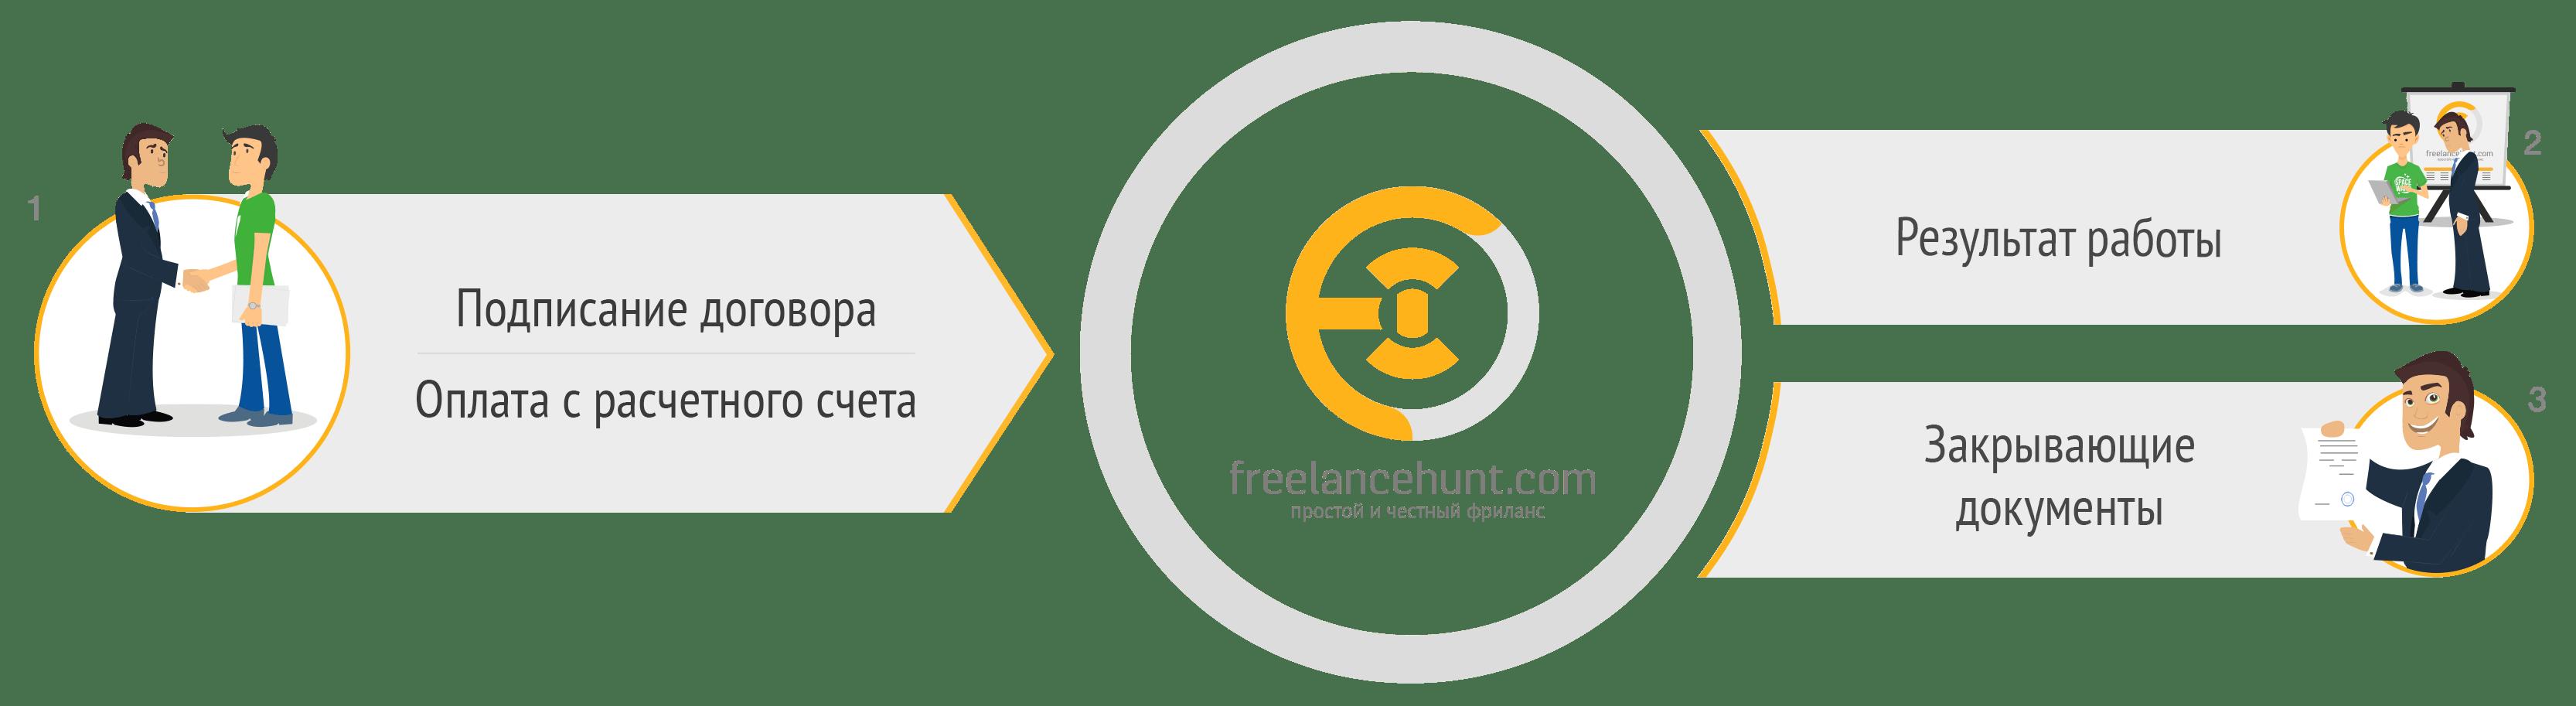 1с бухгалтерия фриланс сайты фриланс для моделей